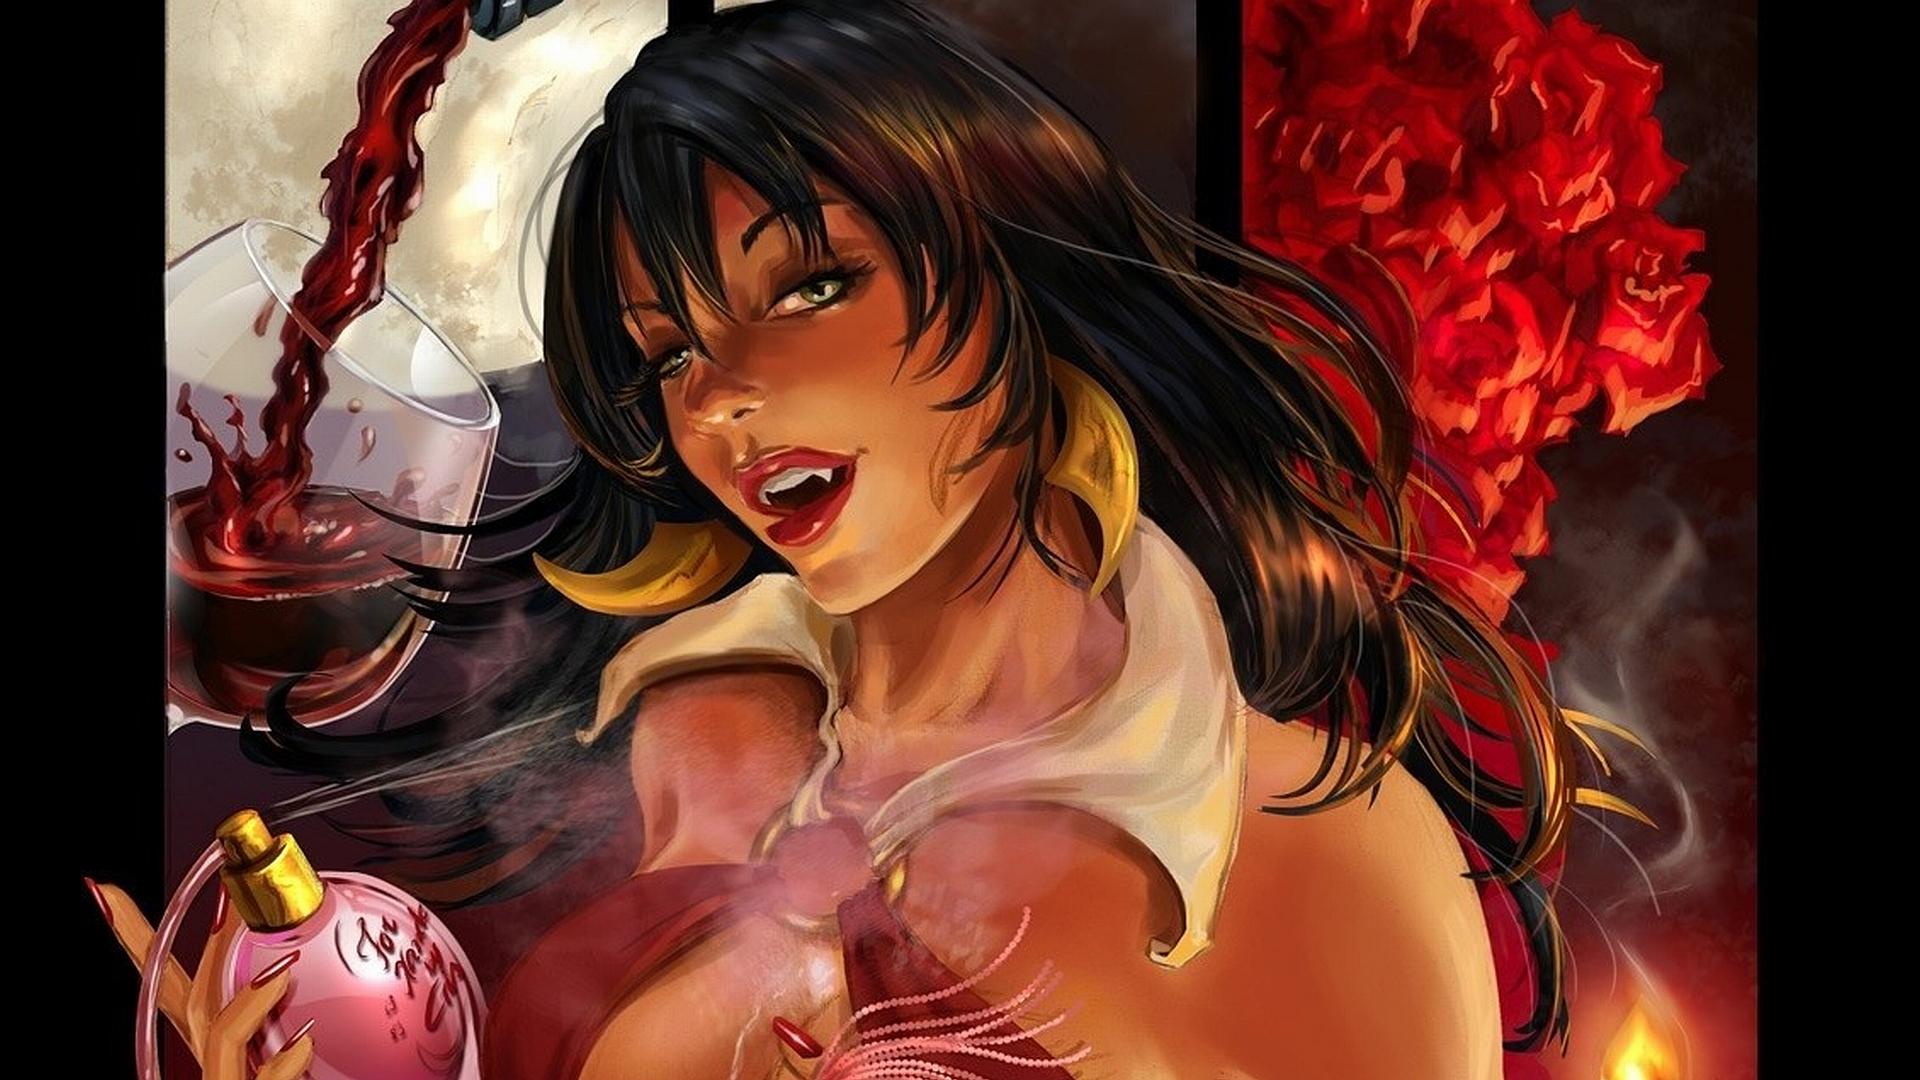 Comic erotic wallpaper